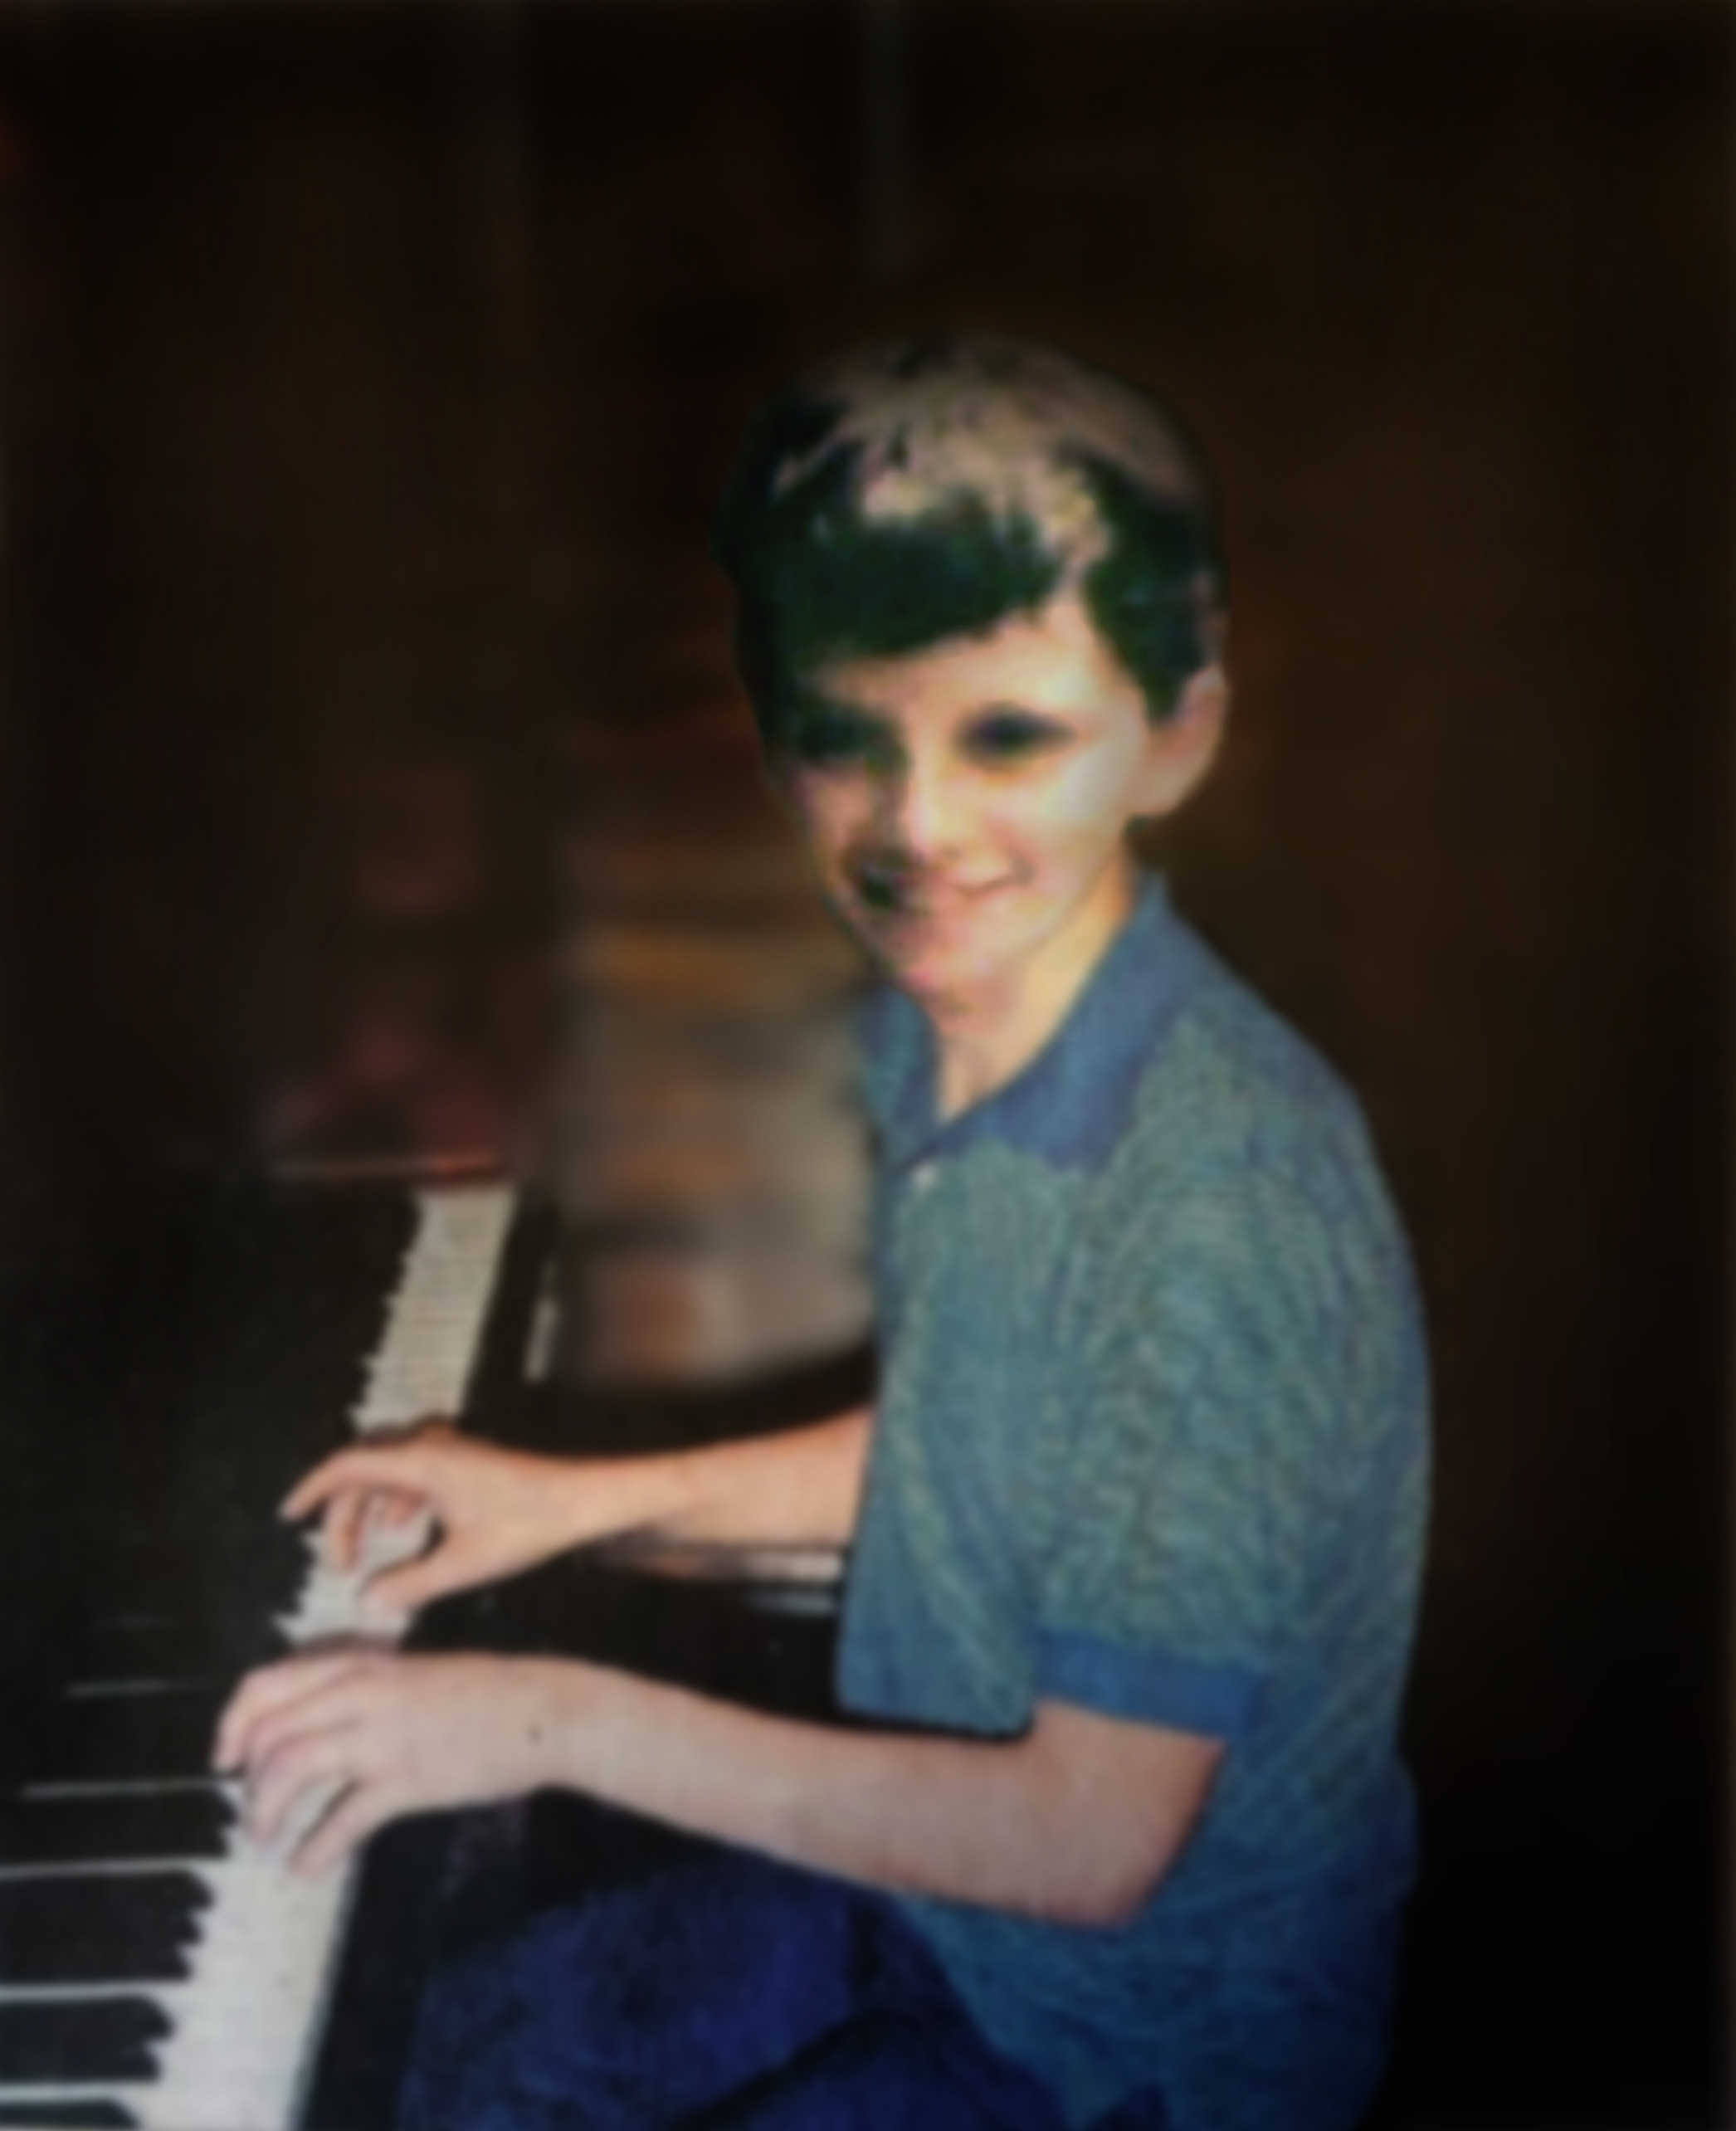 Levi at Piano